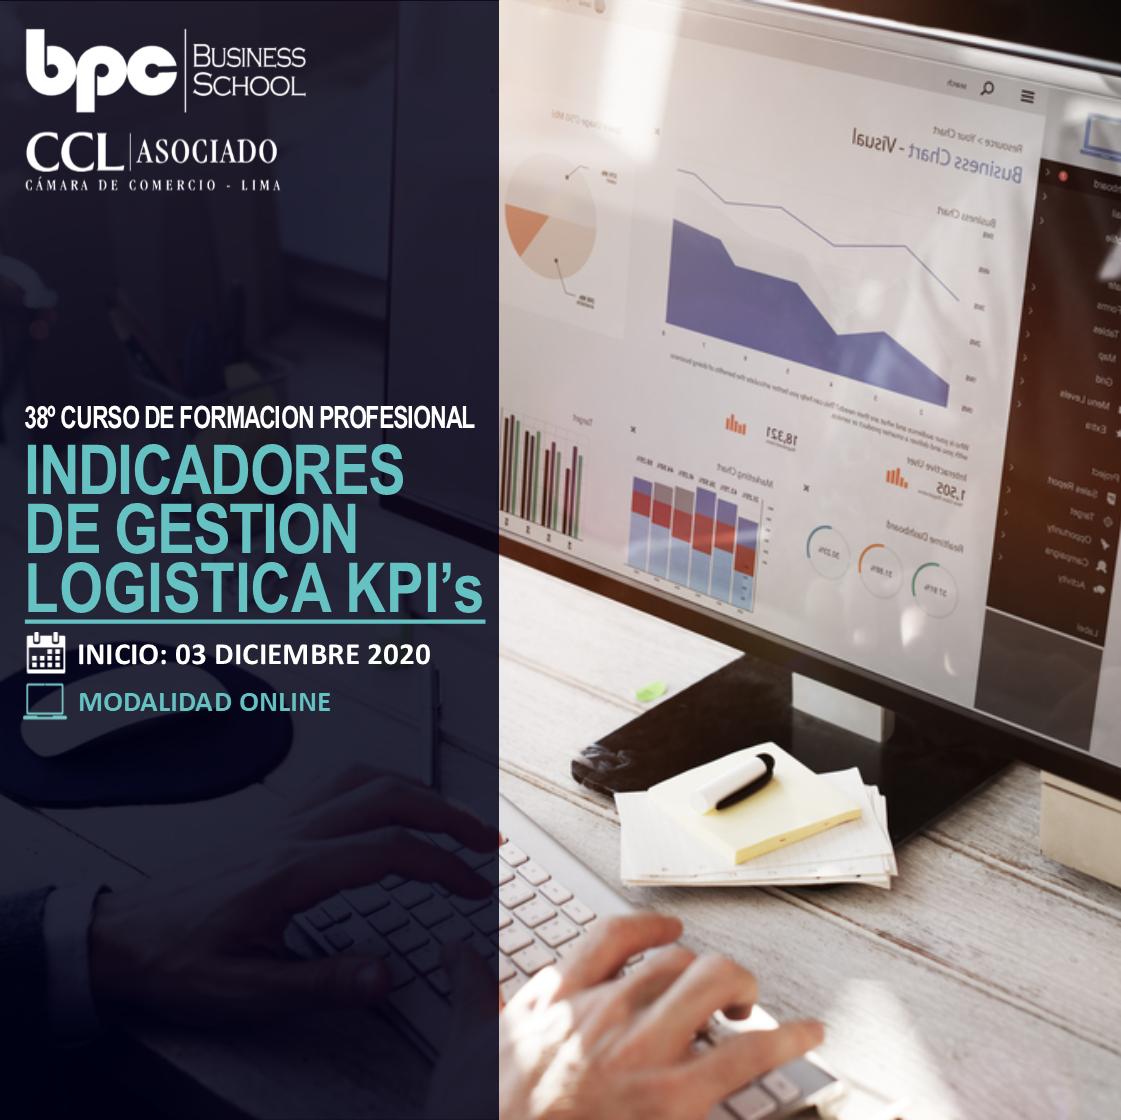 38º Curso de Indicadores de Gestión Logística KPI's